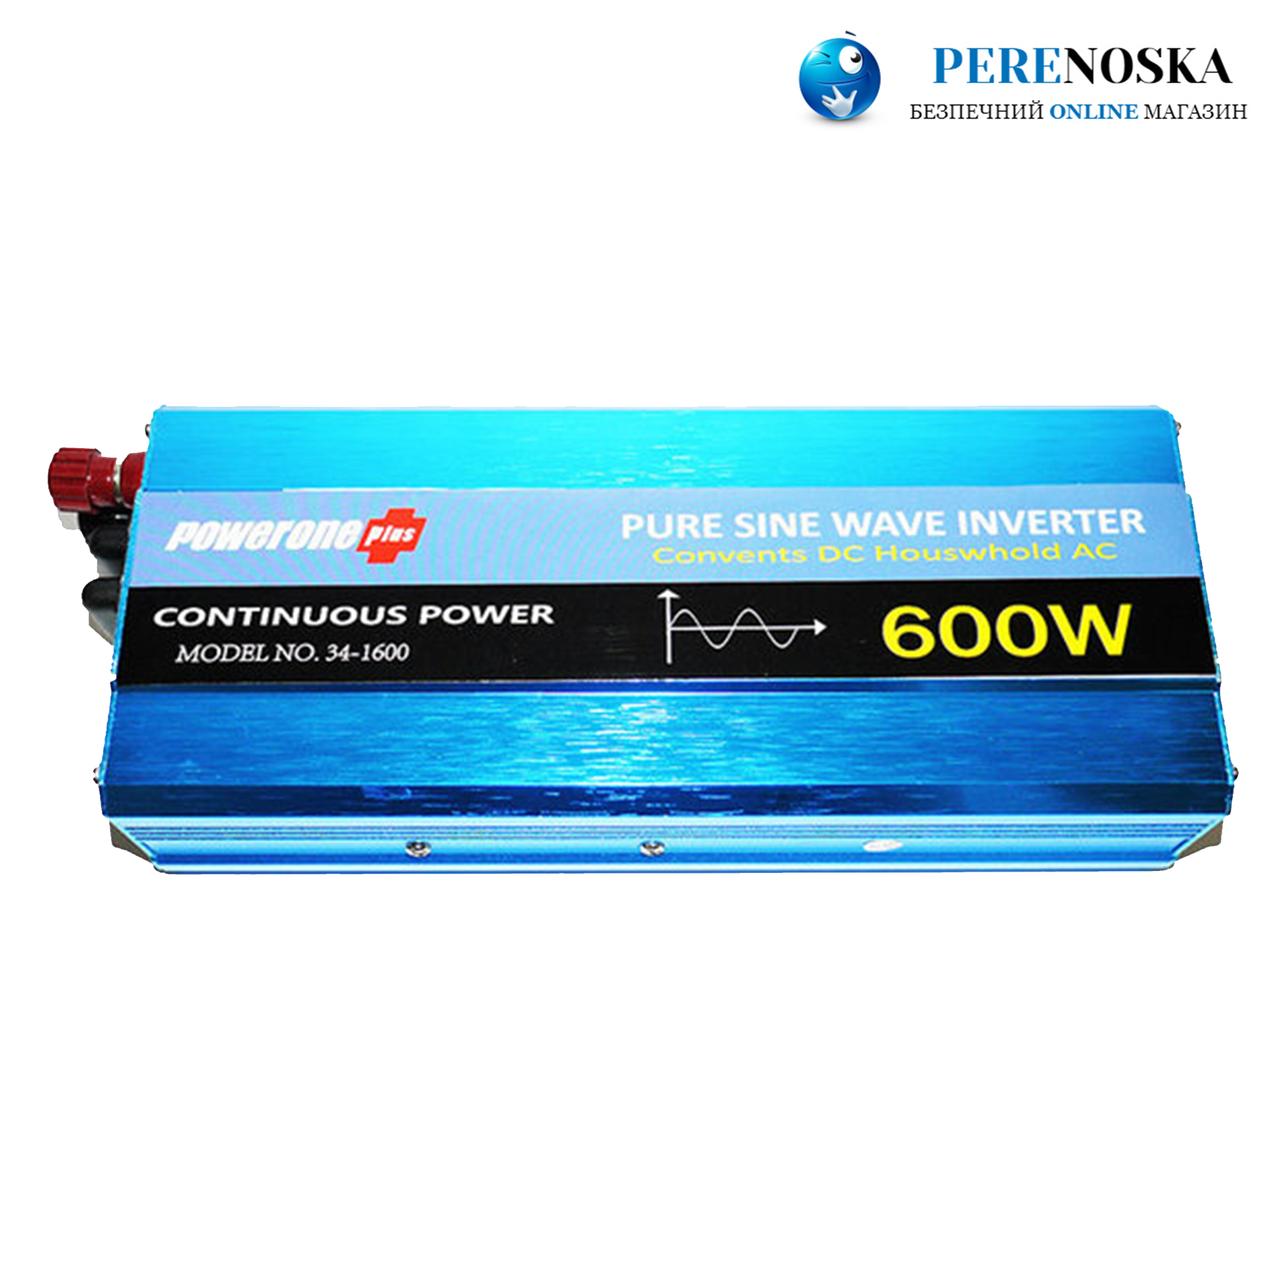 Автомобильный инвертор 600W AC/DC 12v в 220 v/ Позволяет подключать нагрузку до 600 Вт